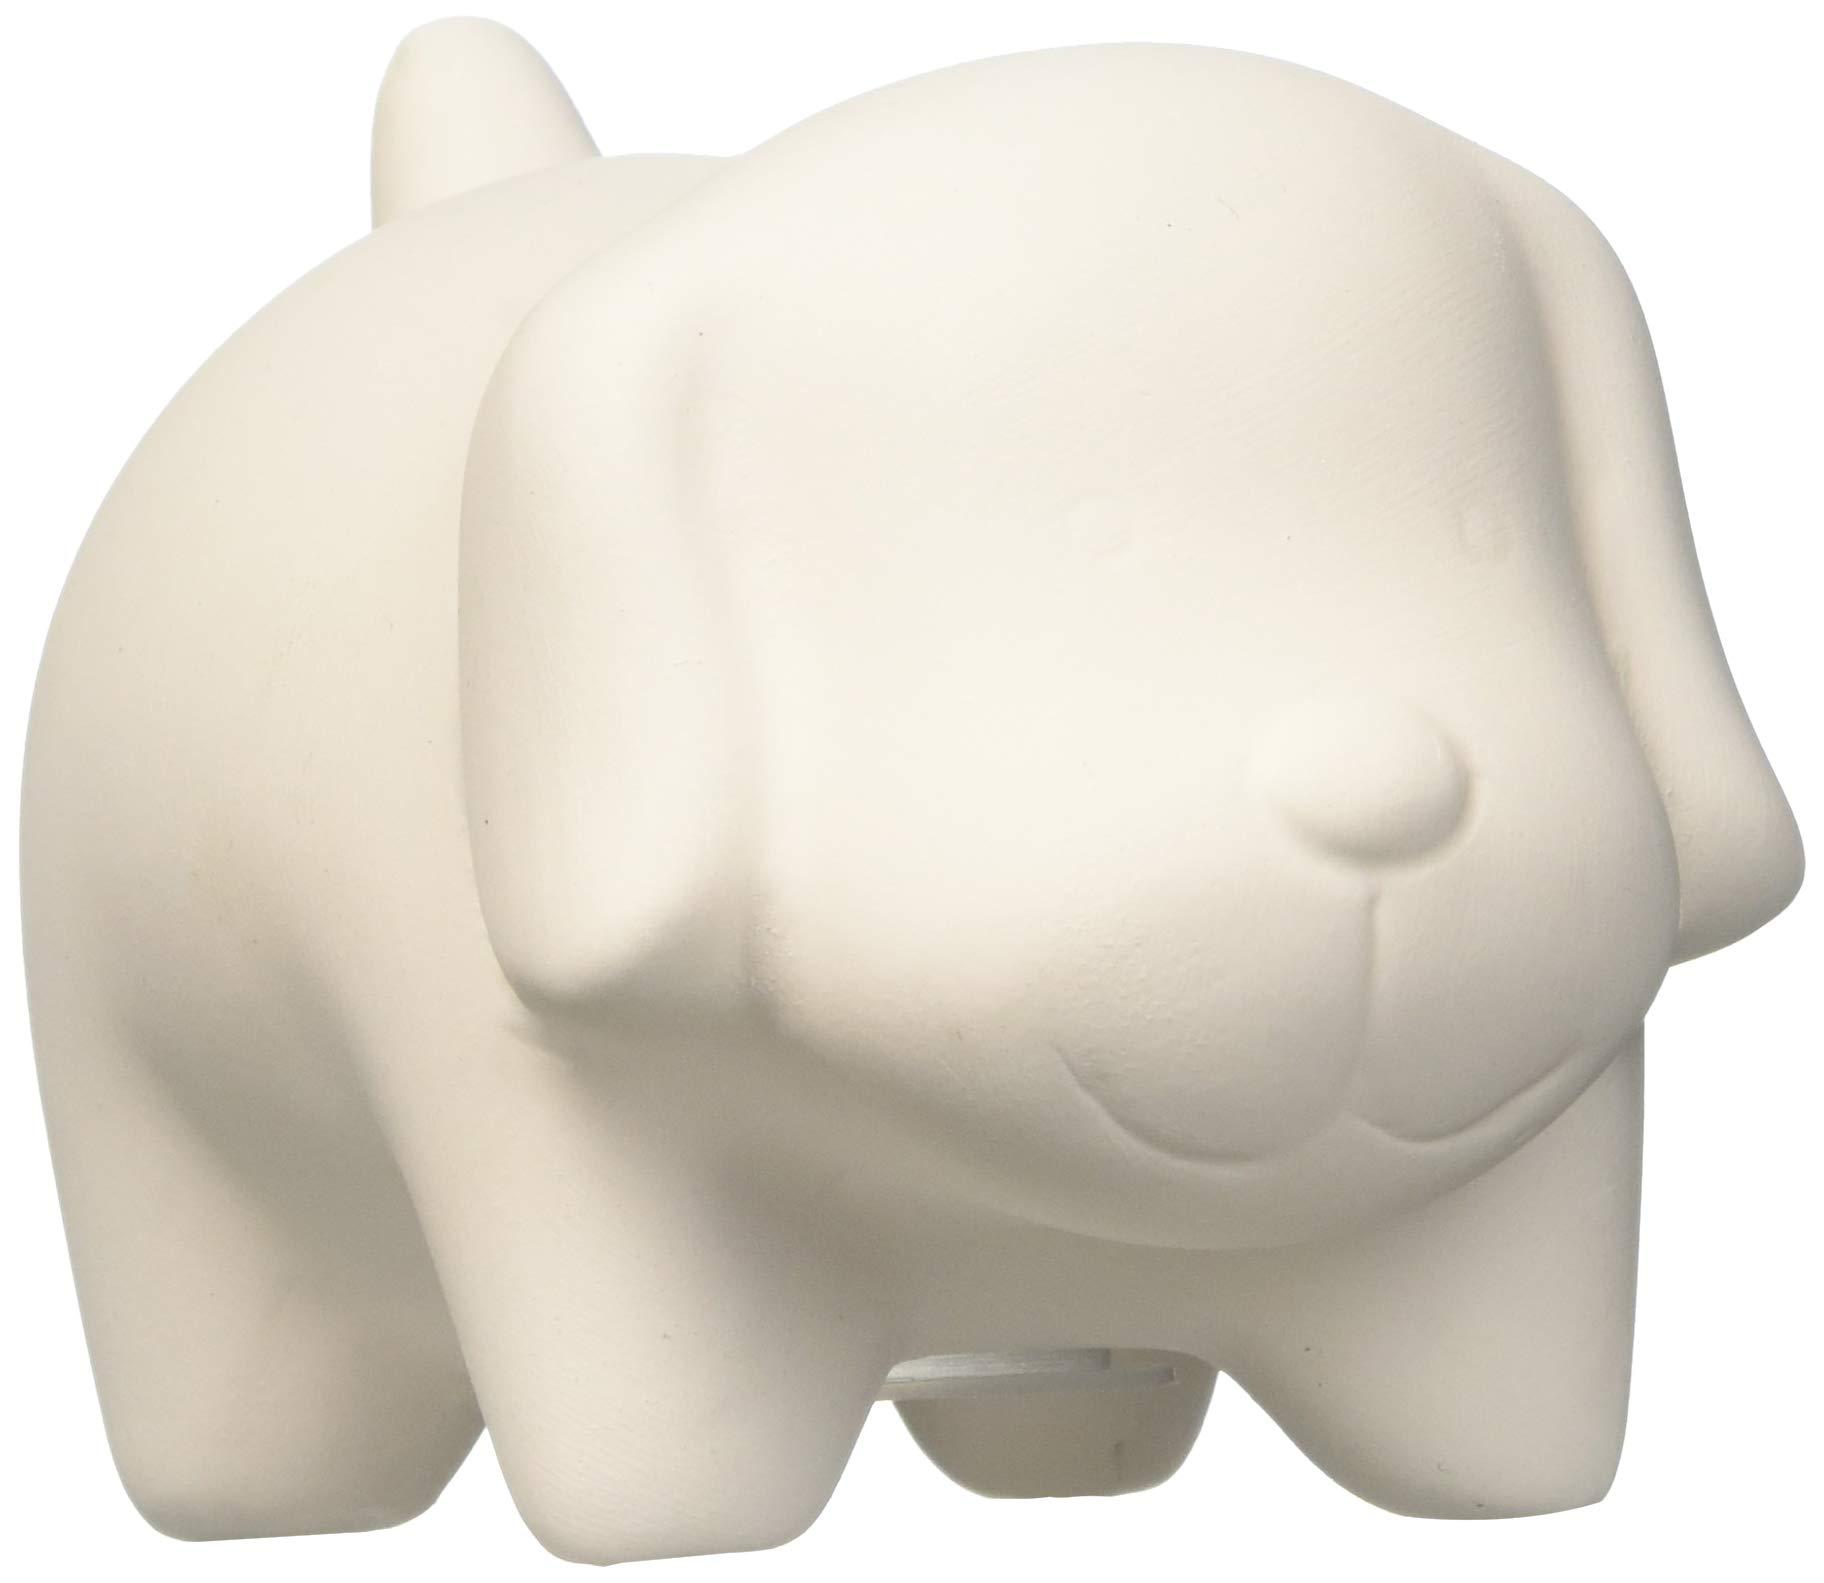 Ceramic Bisque Puppy Banks